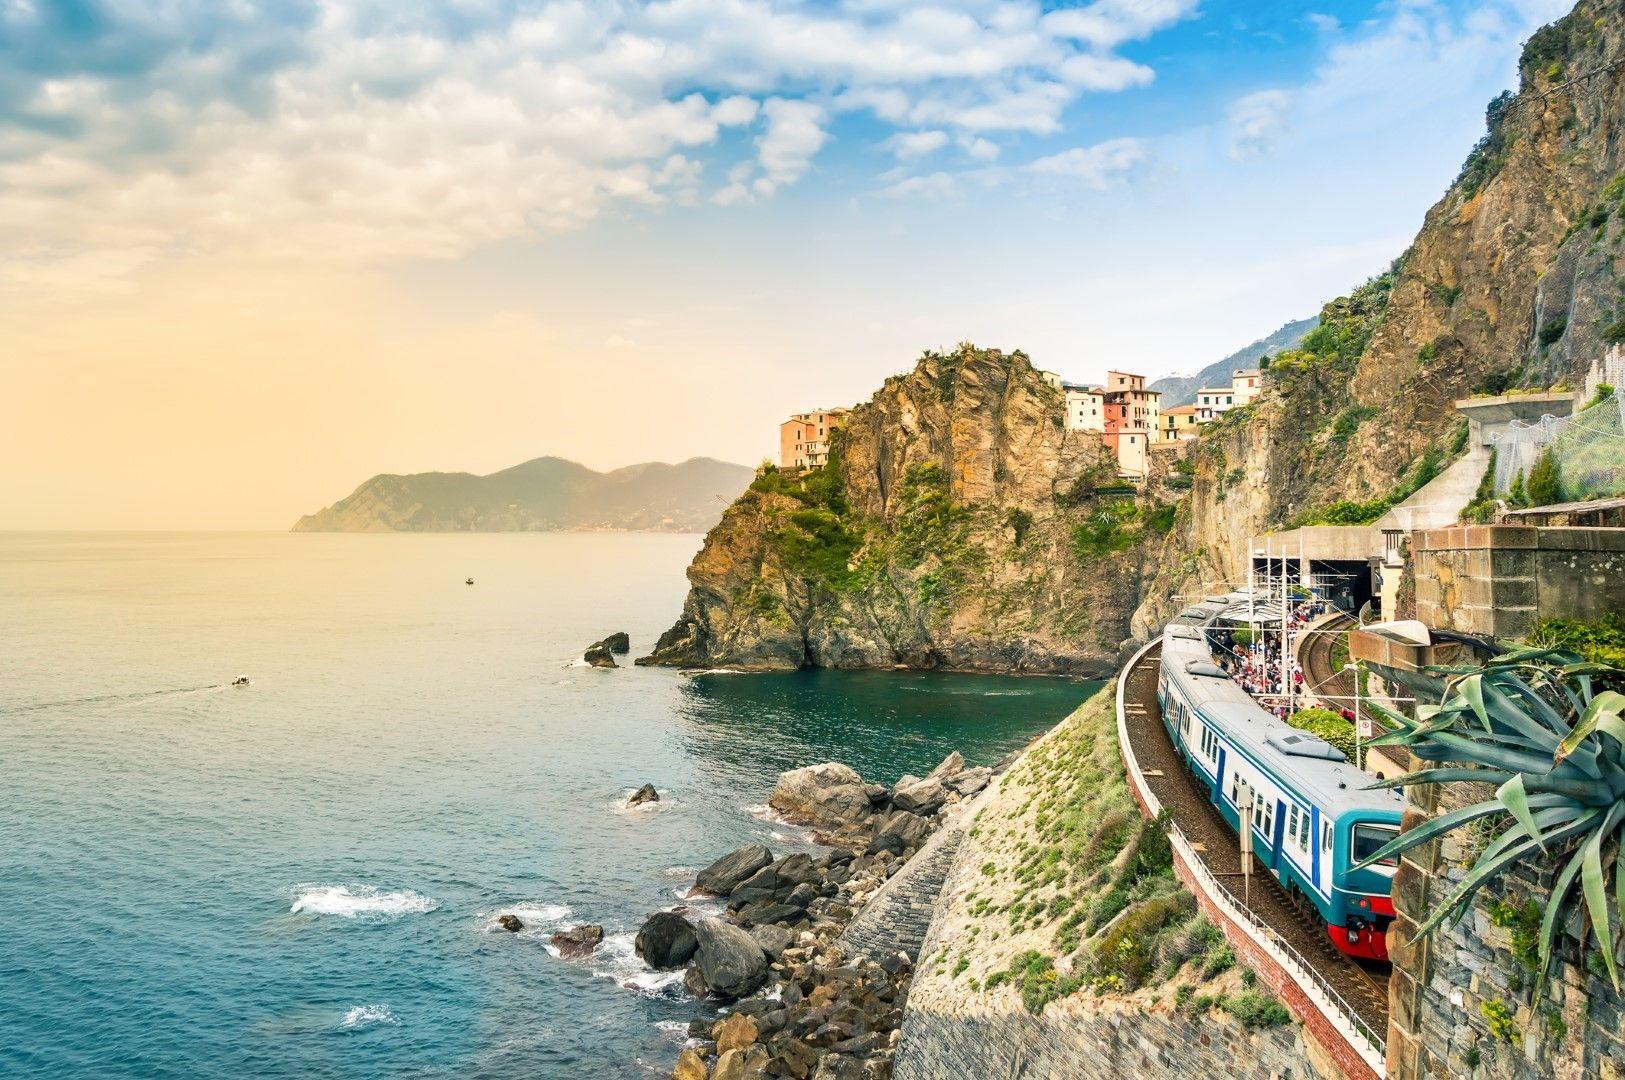 Влакът през Чинкуе Тере, Италия, се движи предимно в тунел